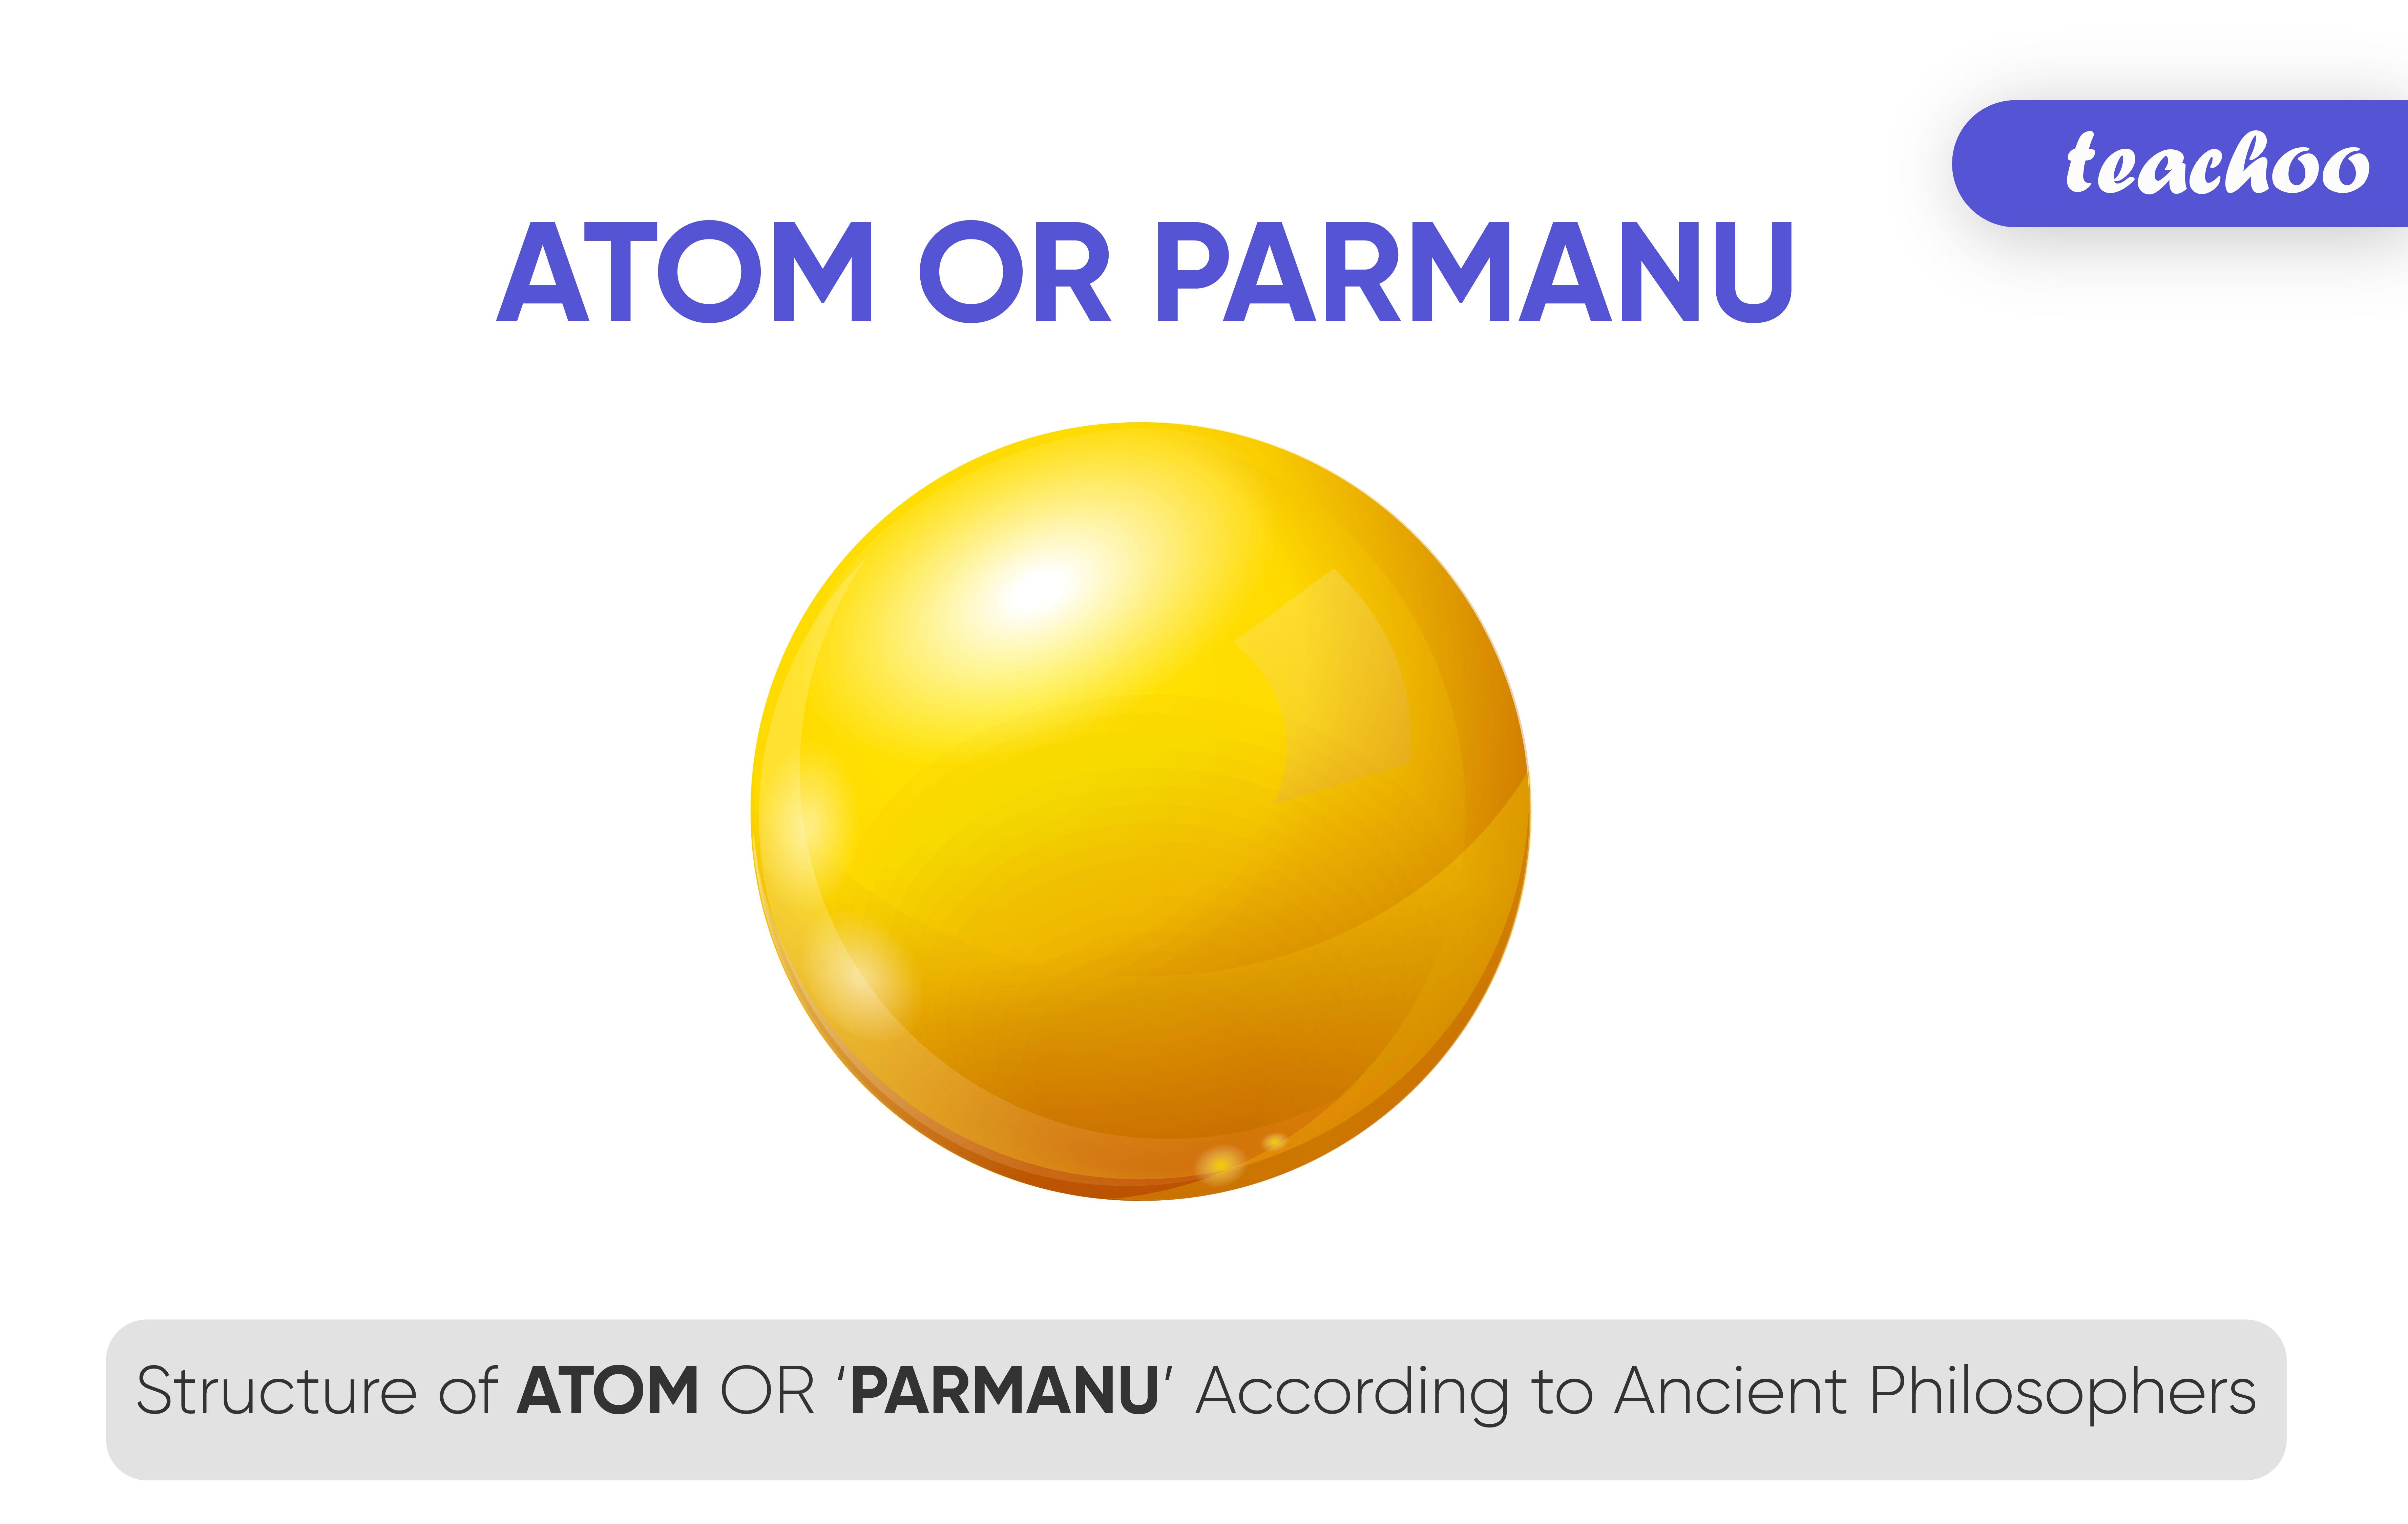 Parmanu-Teachoo-01.jpg